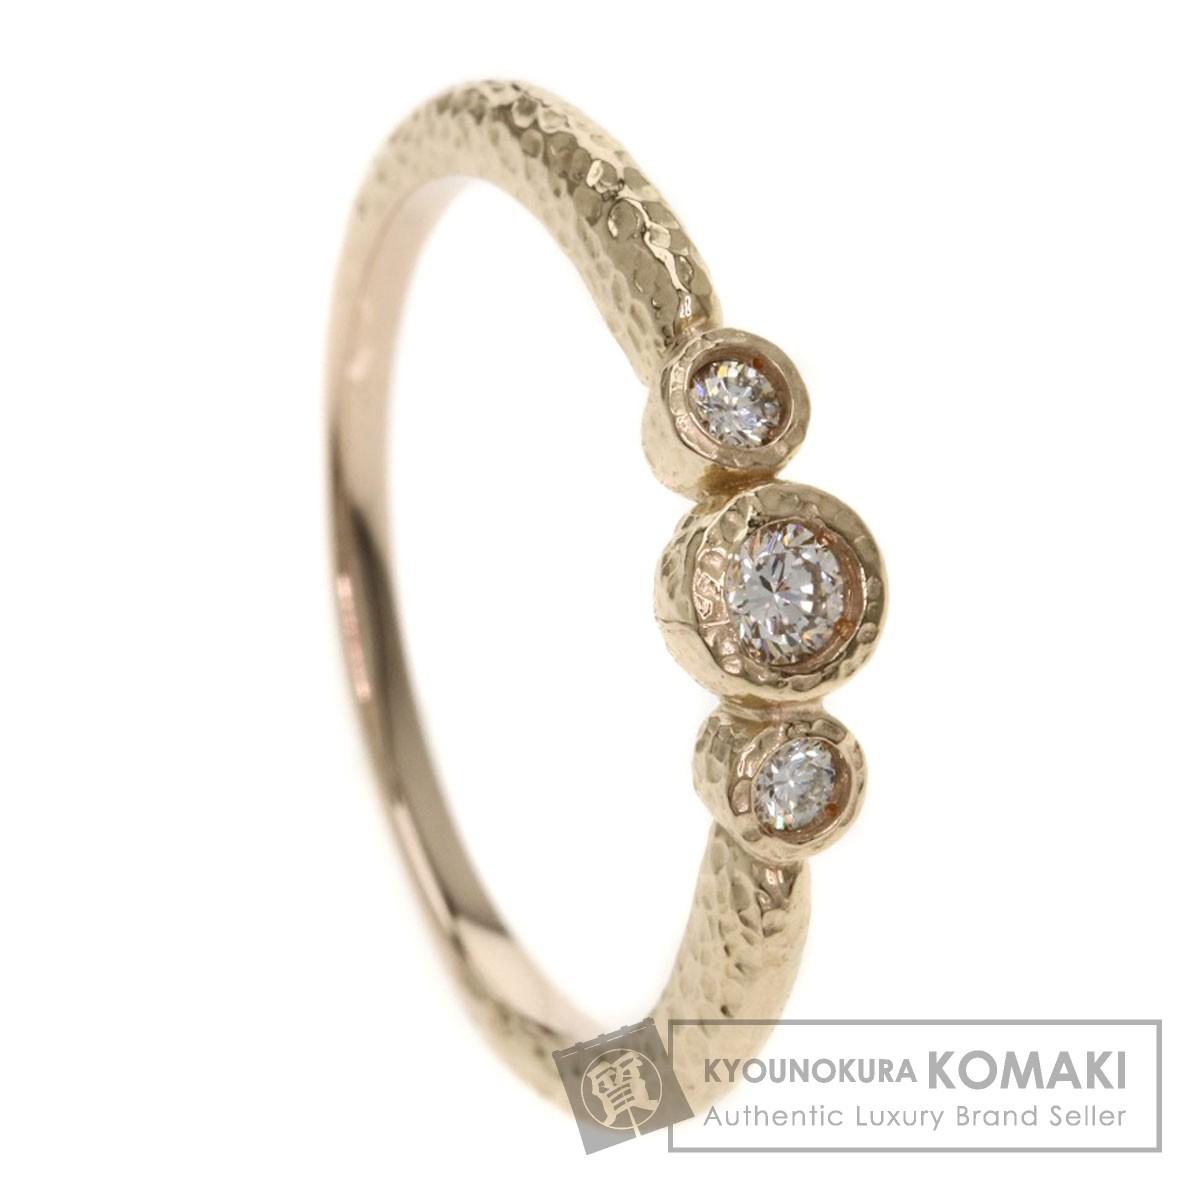 0.12ct メレダイヤモンド リング・指輪 K18イエローゴールド 2.4g レディース 【中古】